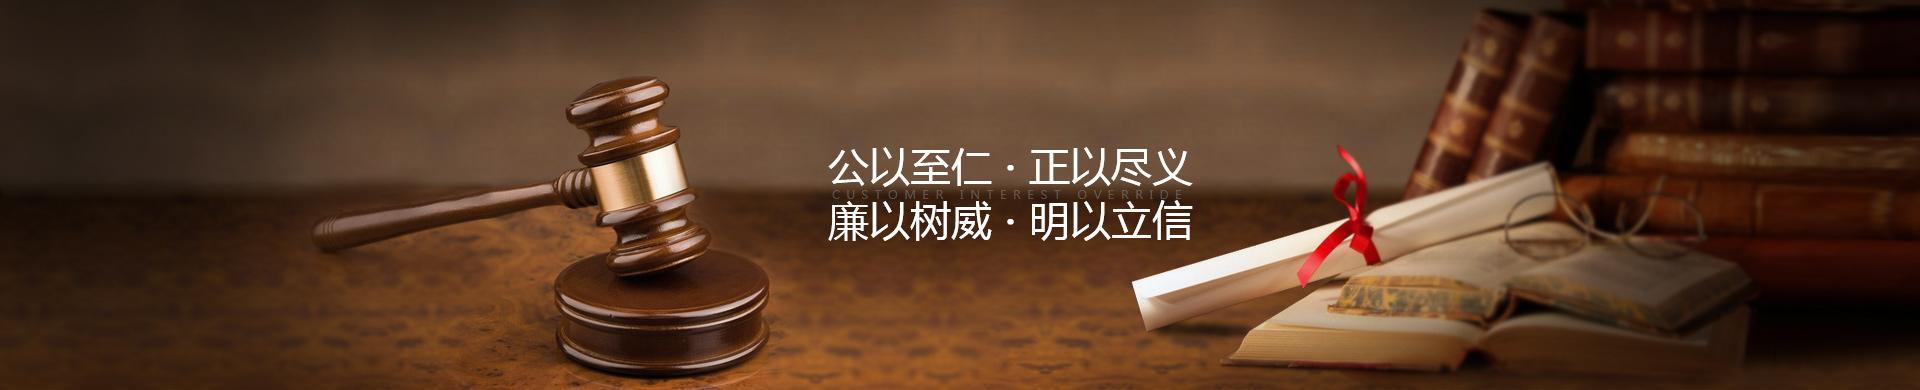 找找合同律师,深圳合同律师,深圳合同纠纷律师,就上深圳合同律师网